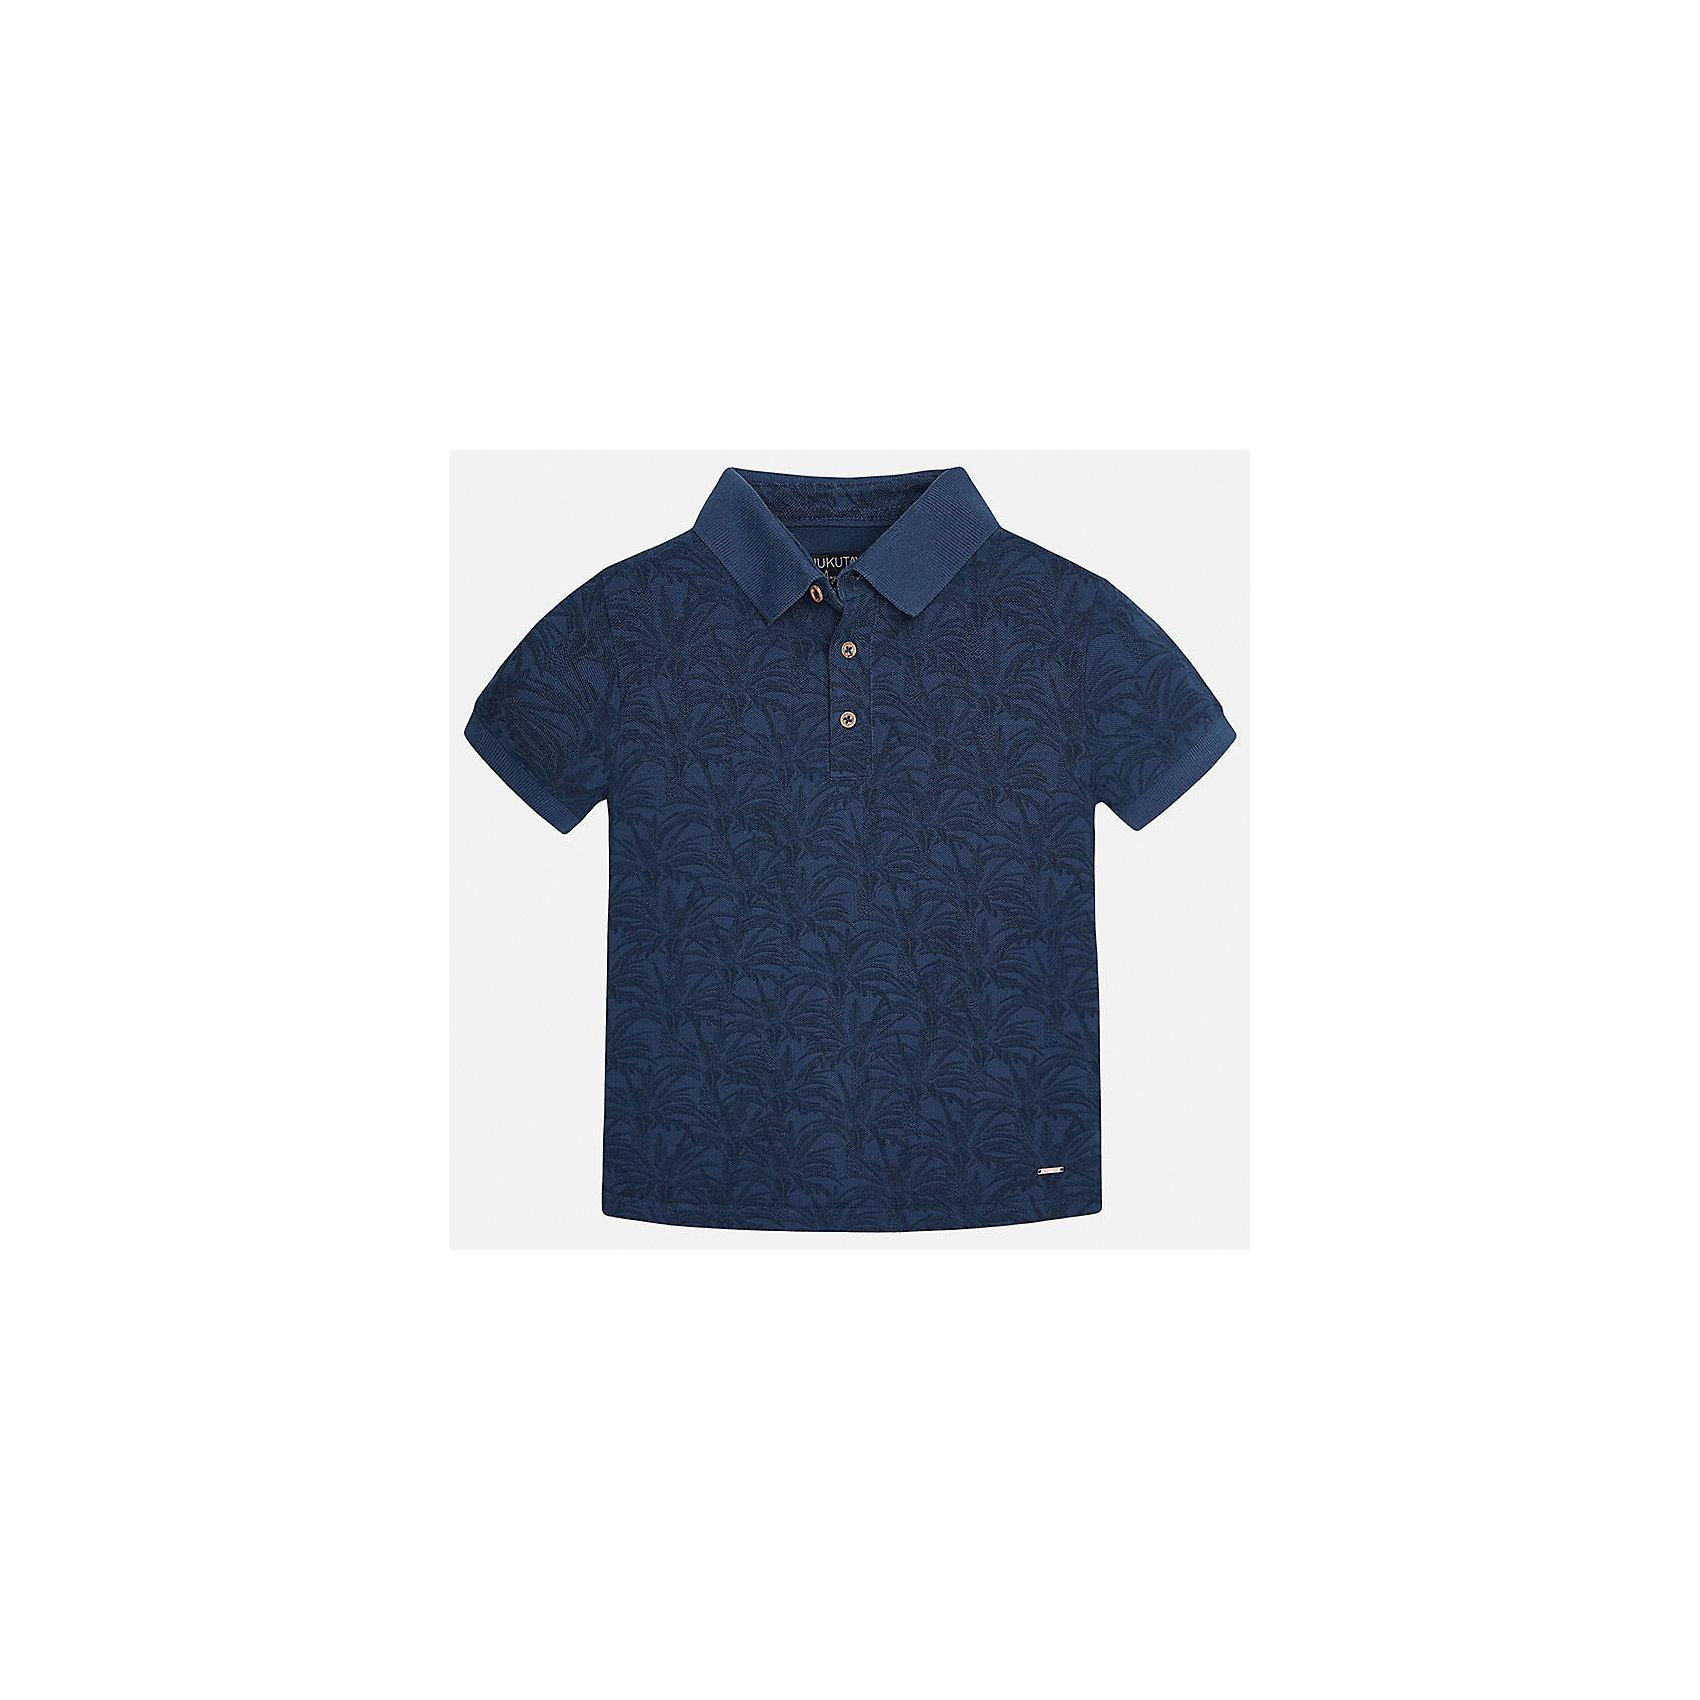 Футболка-поло для мальчика MayoralФутболки, поло и топы<br>Характеристики товара:<br><br>• цвет: синий<br>• состав: 100% хлопок<br>• отложной воротник<br>• декорирована принтом<br>• короткие рукава<br>• застежки: пуговицы<br>• страна бренда: Испания<br><br>Модная футболка-поло поможет разнообразить гардероб мальчика. Она отлично сочетается с брюками, шортами, джинсами. Универсальный крой и цвет позволяет подобрать к вещи низ разных расцветок. Практичное и стильное изделие! Хорошо смотрится и комфортно сидит на детях. В составе материала - только натуральный хлопок, гипоаллергенный, приятный на ощупь, дышащий. <br><br>Одежда, обувь и аксессуары от испанского бренда Mayoral полюбились детям и взрослым по всему миру. Модели этой марки - стильные и удобные. Для их производства используются только безопасные, качественные материалы и фурнитура. Порадуйте ребенка модными и красивыми вещами от Mayoral! <br><br>Футболку-поло для мальчика от испанского бренда Mayoral (Майорал) можно купить в нашем интернет-магазине.<br><br>Ширина мм: 230<br>Глубина мм: 40<br>Высота мм: 220<br>Вес г: 250<br>Цвет: синий<br>Возраст от месяцев: 96<br>Возраст до месяцев: 108<br>Пол: Мужской<br>Возраст: Детский<br>Размер: 140,170,158,164,128/134,152<br>SKU: 5281531